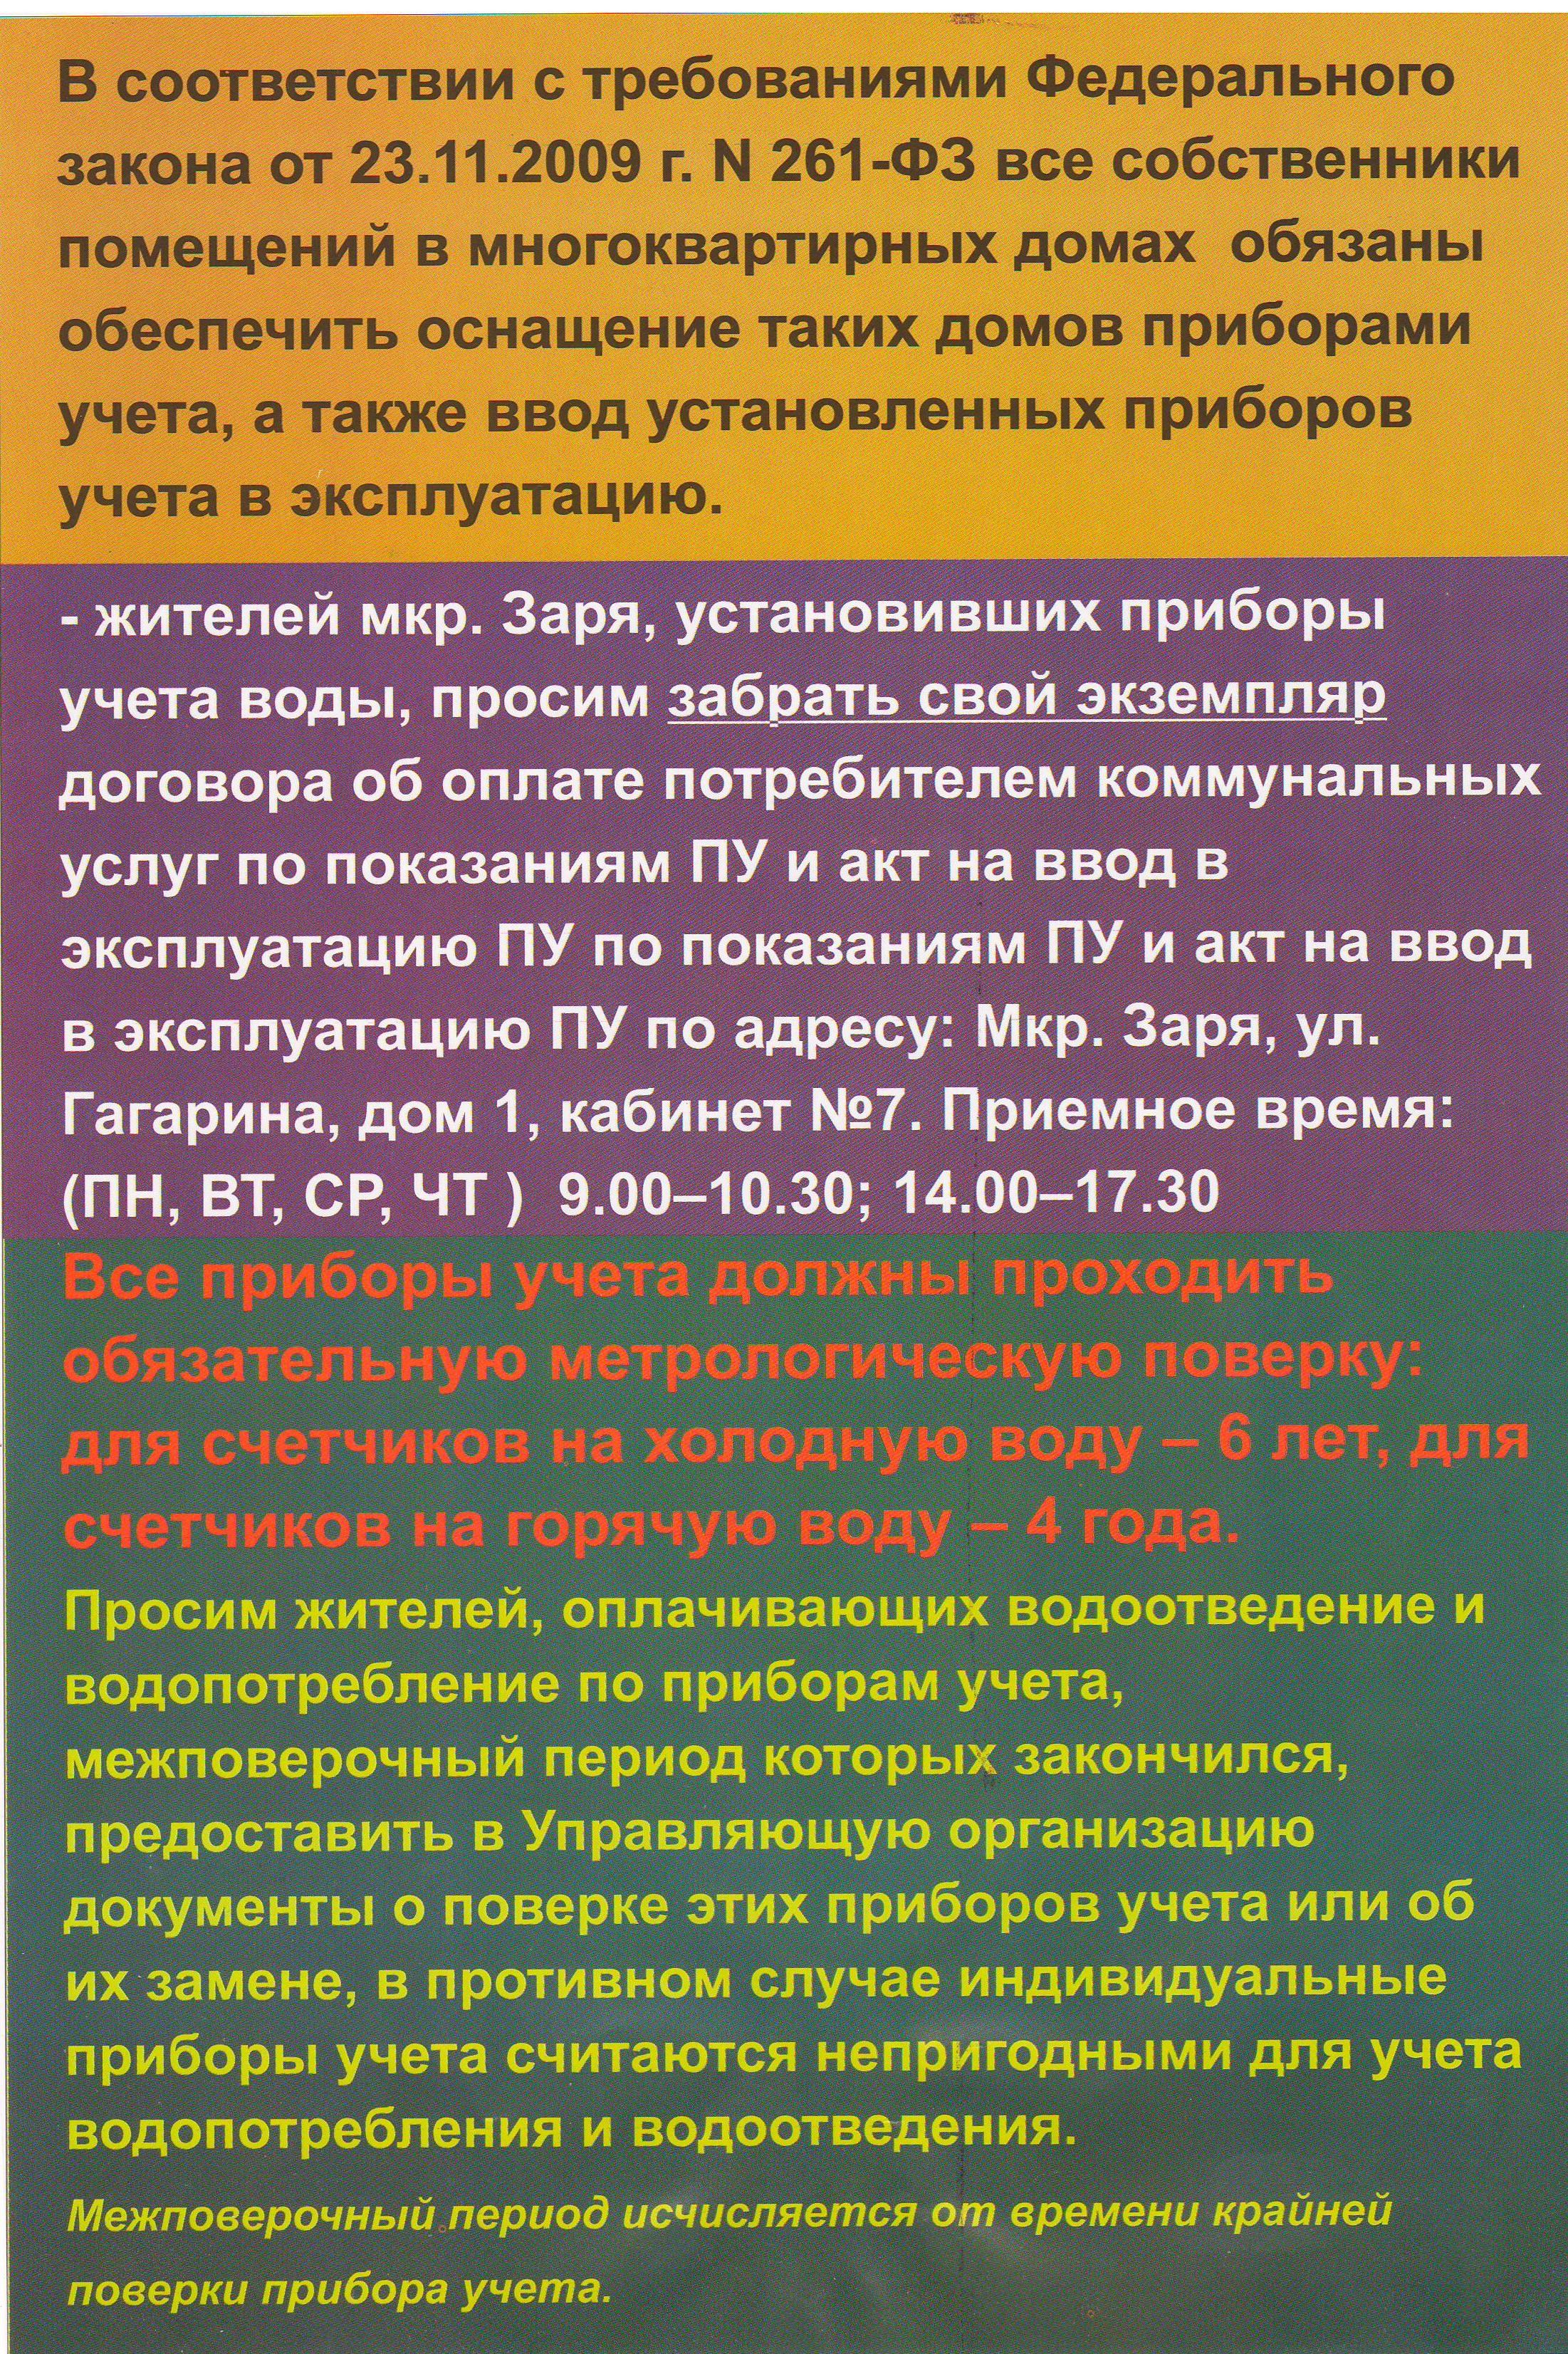 http://s5.uploads.ru/3u47E.jpg